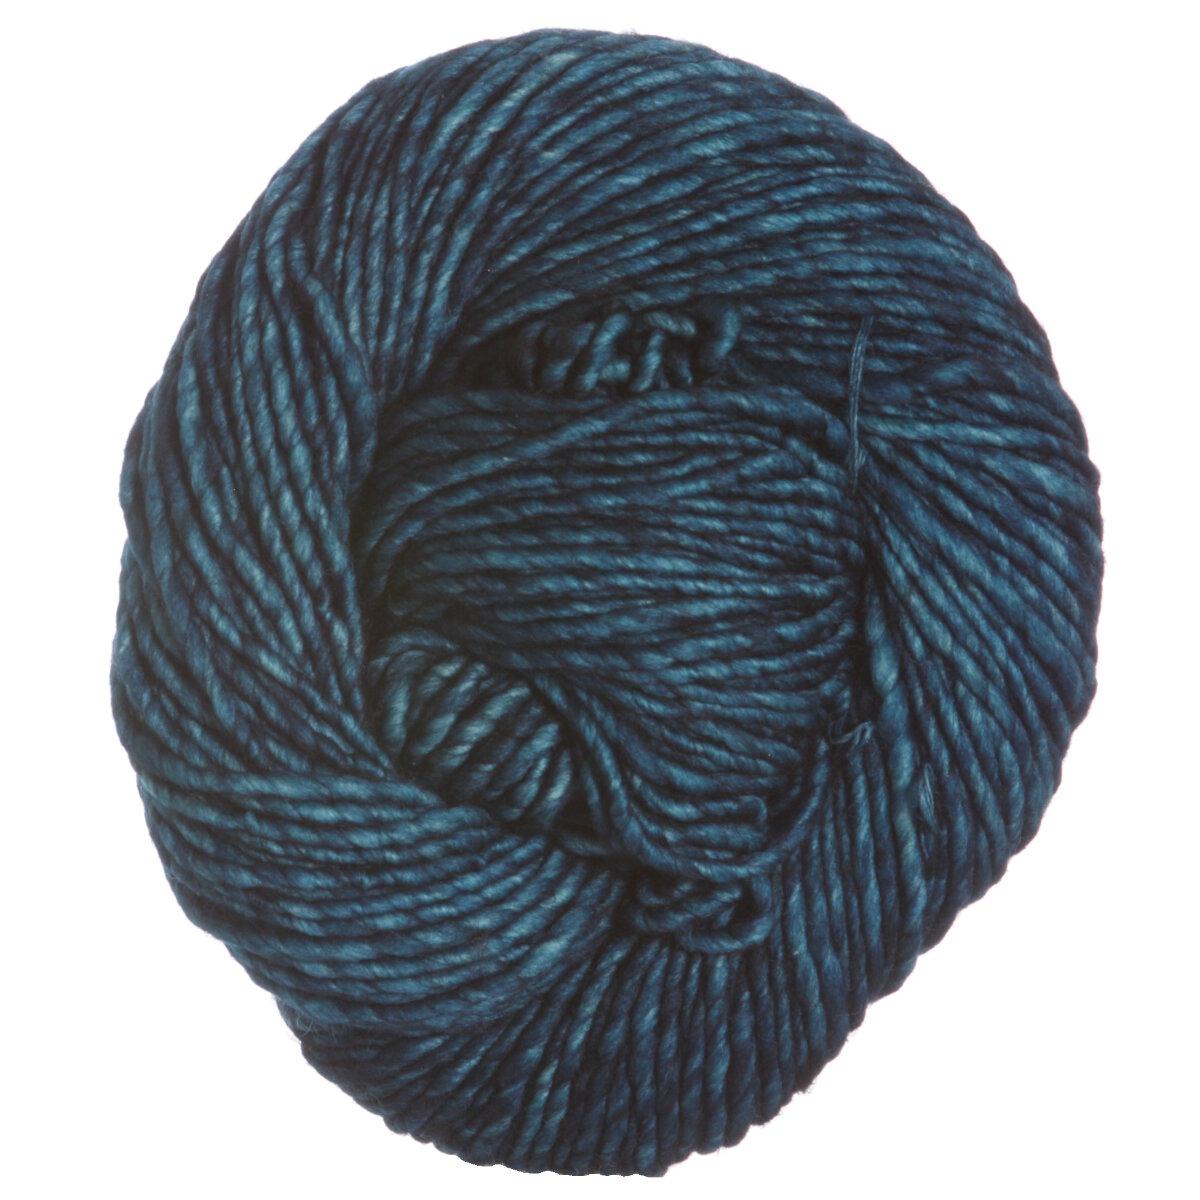 Malabrigo Mecha Yarn - 412 Teal Feather at Jimmy Beans Wool